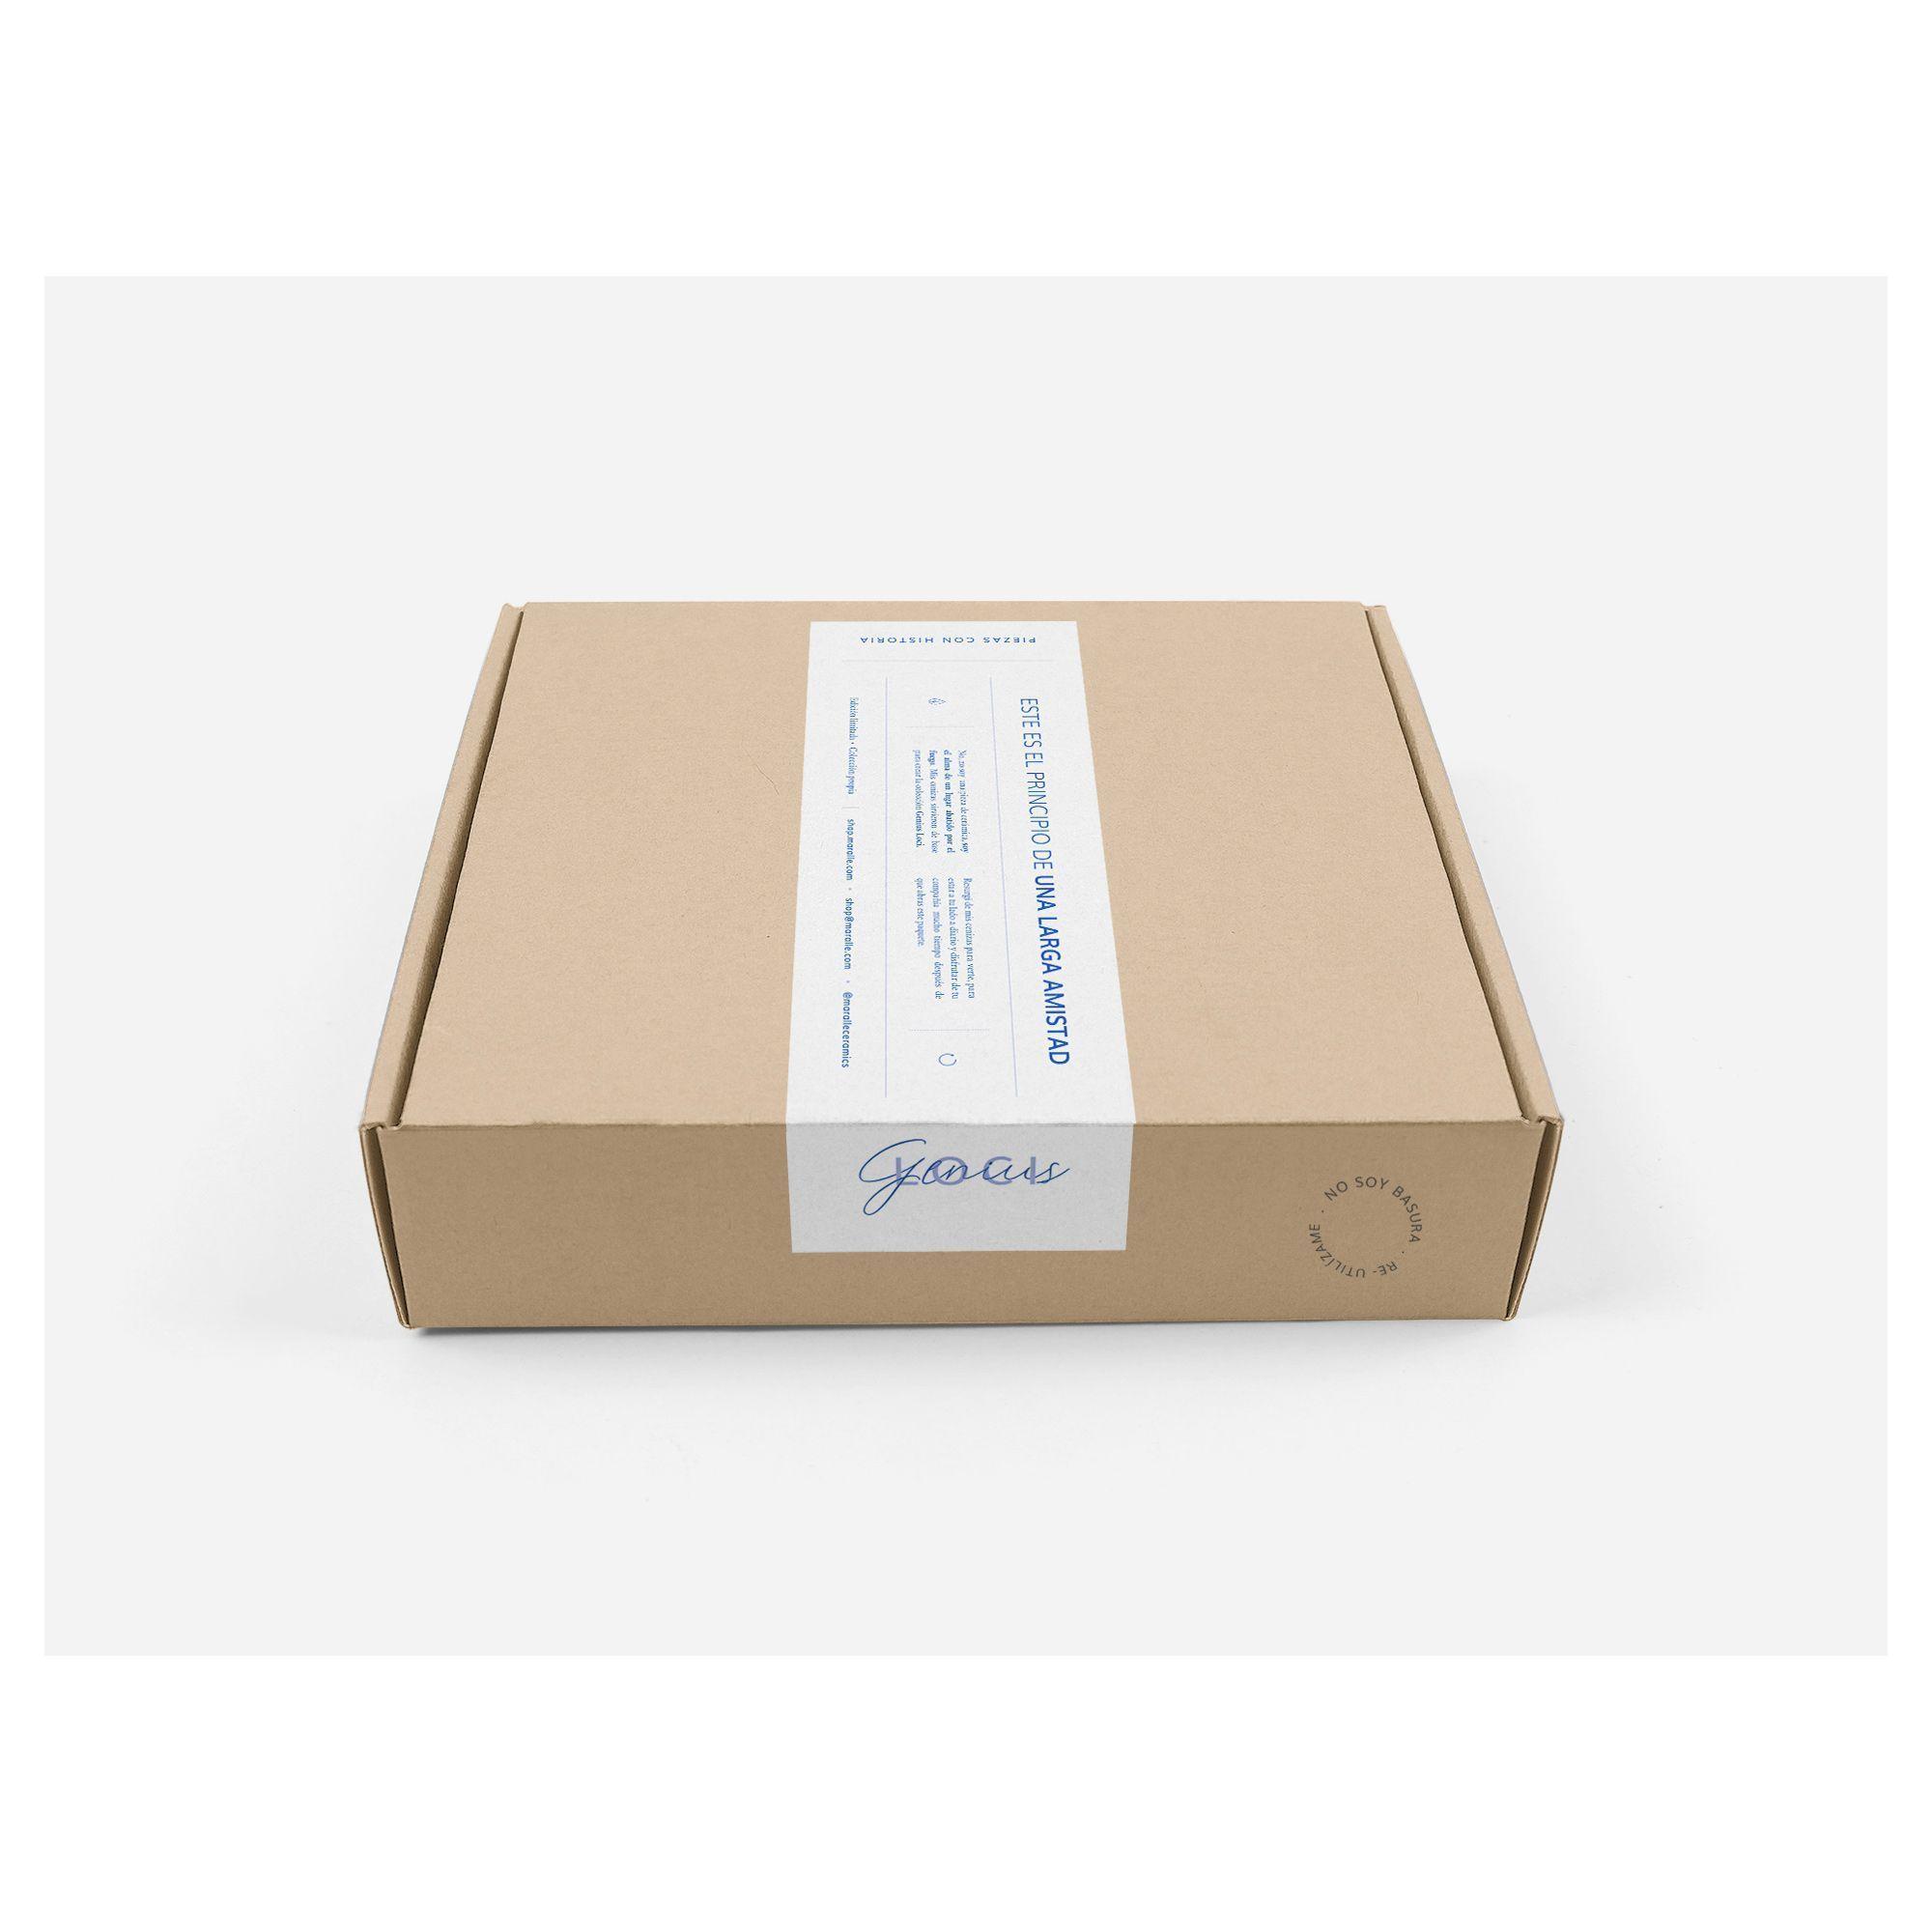 Simulación caja con etiqueta para envíos de Genius Loci